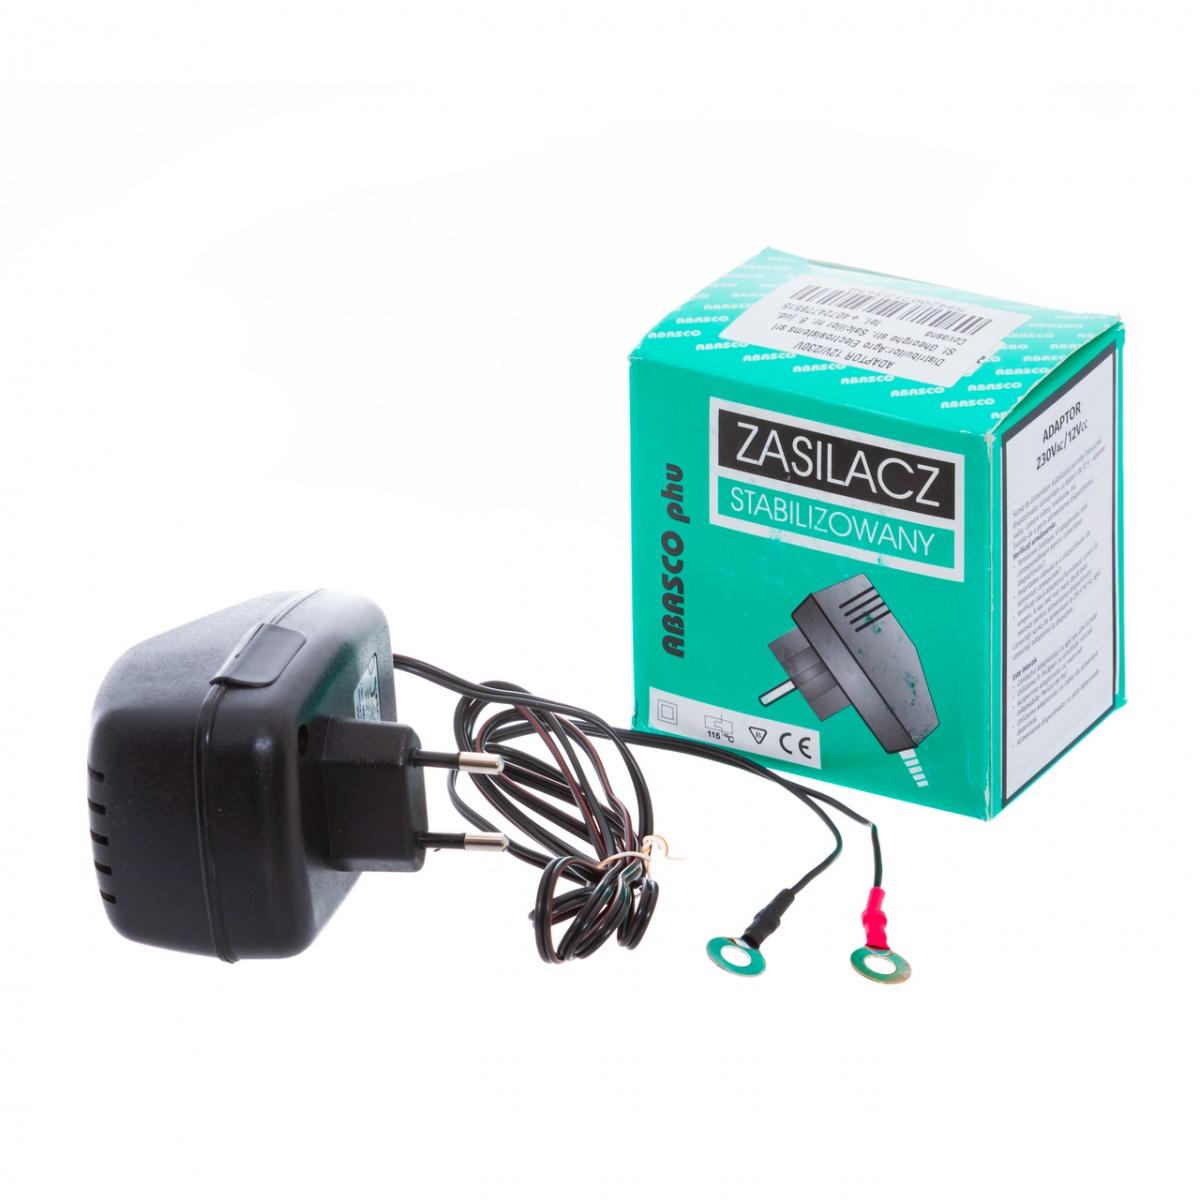 Transzformátoros hálózati adapter, 230/12V